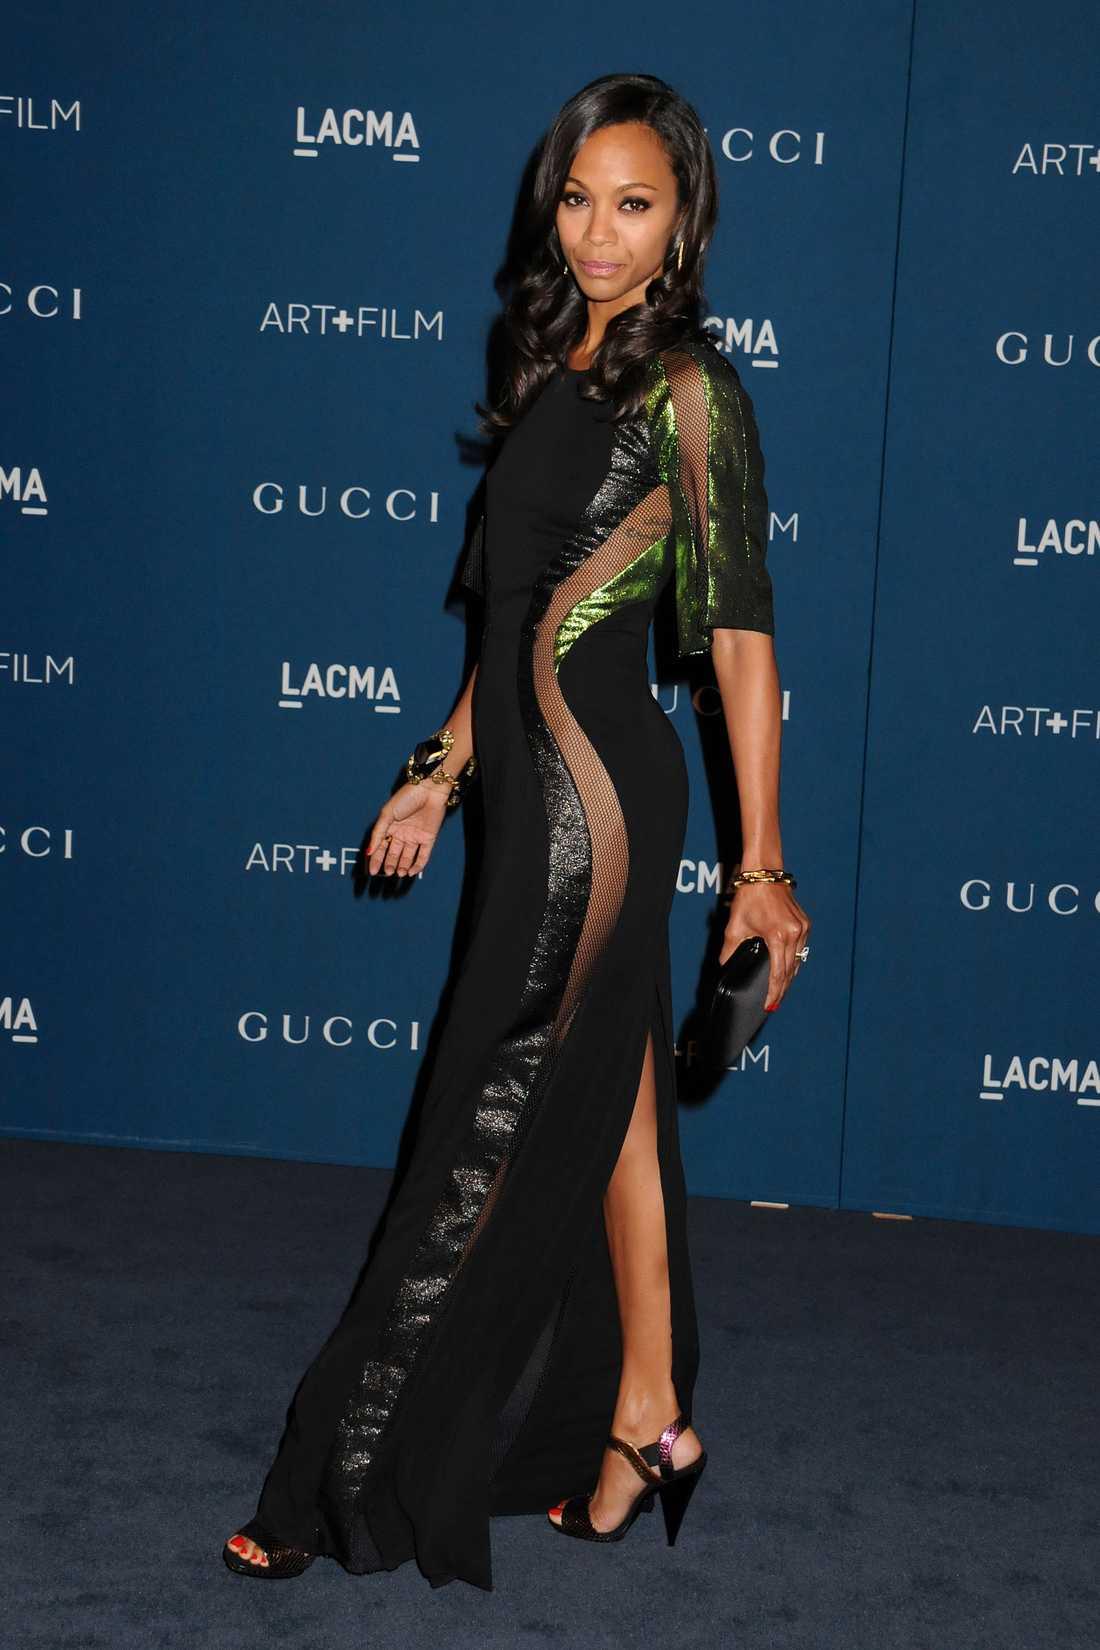 Zoe Saldana Skådisen Zoe Saldana strålade på blå mattan på LACMA Art + Film-galan i LA. Den avslöjande stassen liksom smyckena kommer från Gucci som sponsrar galan.